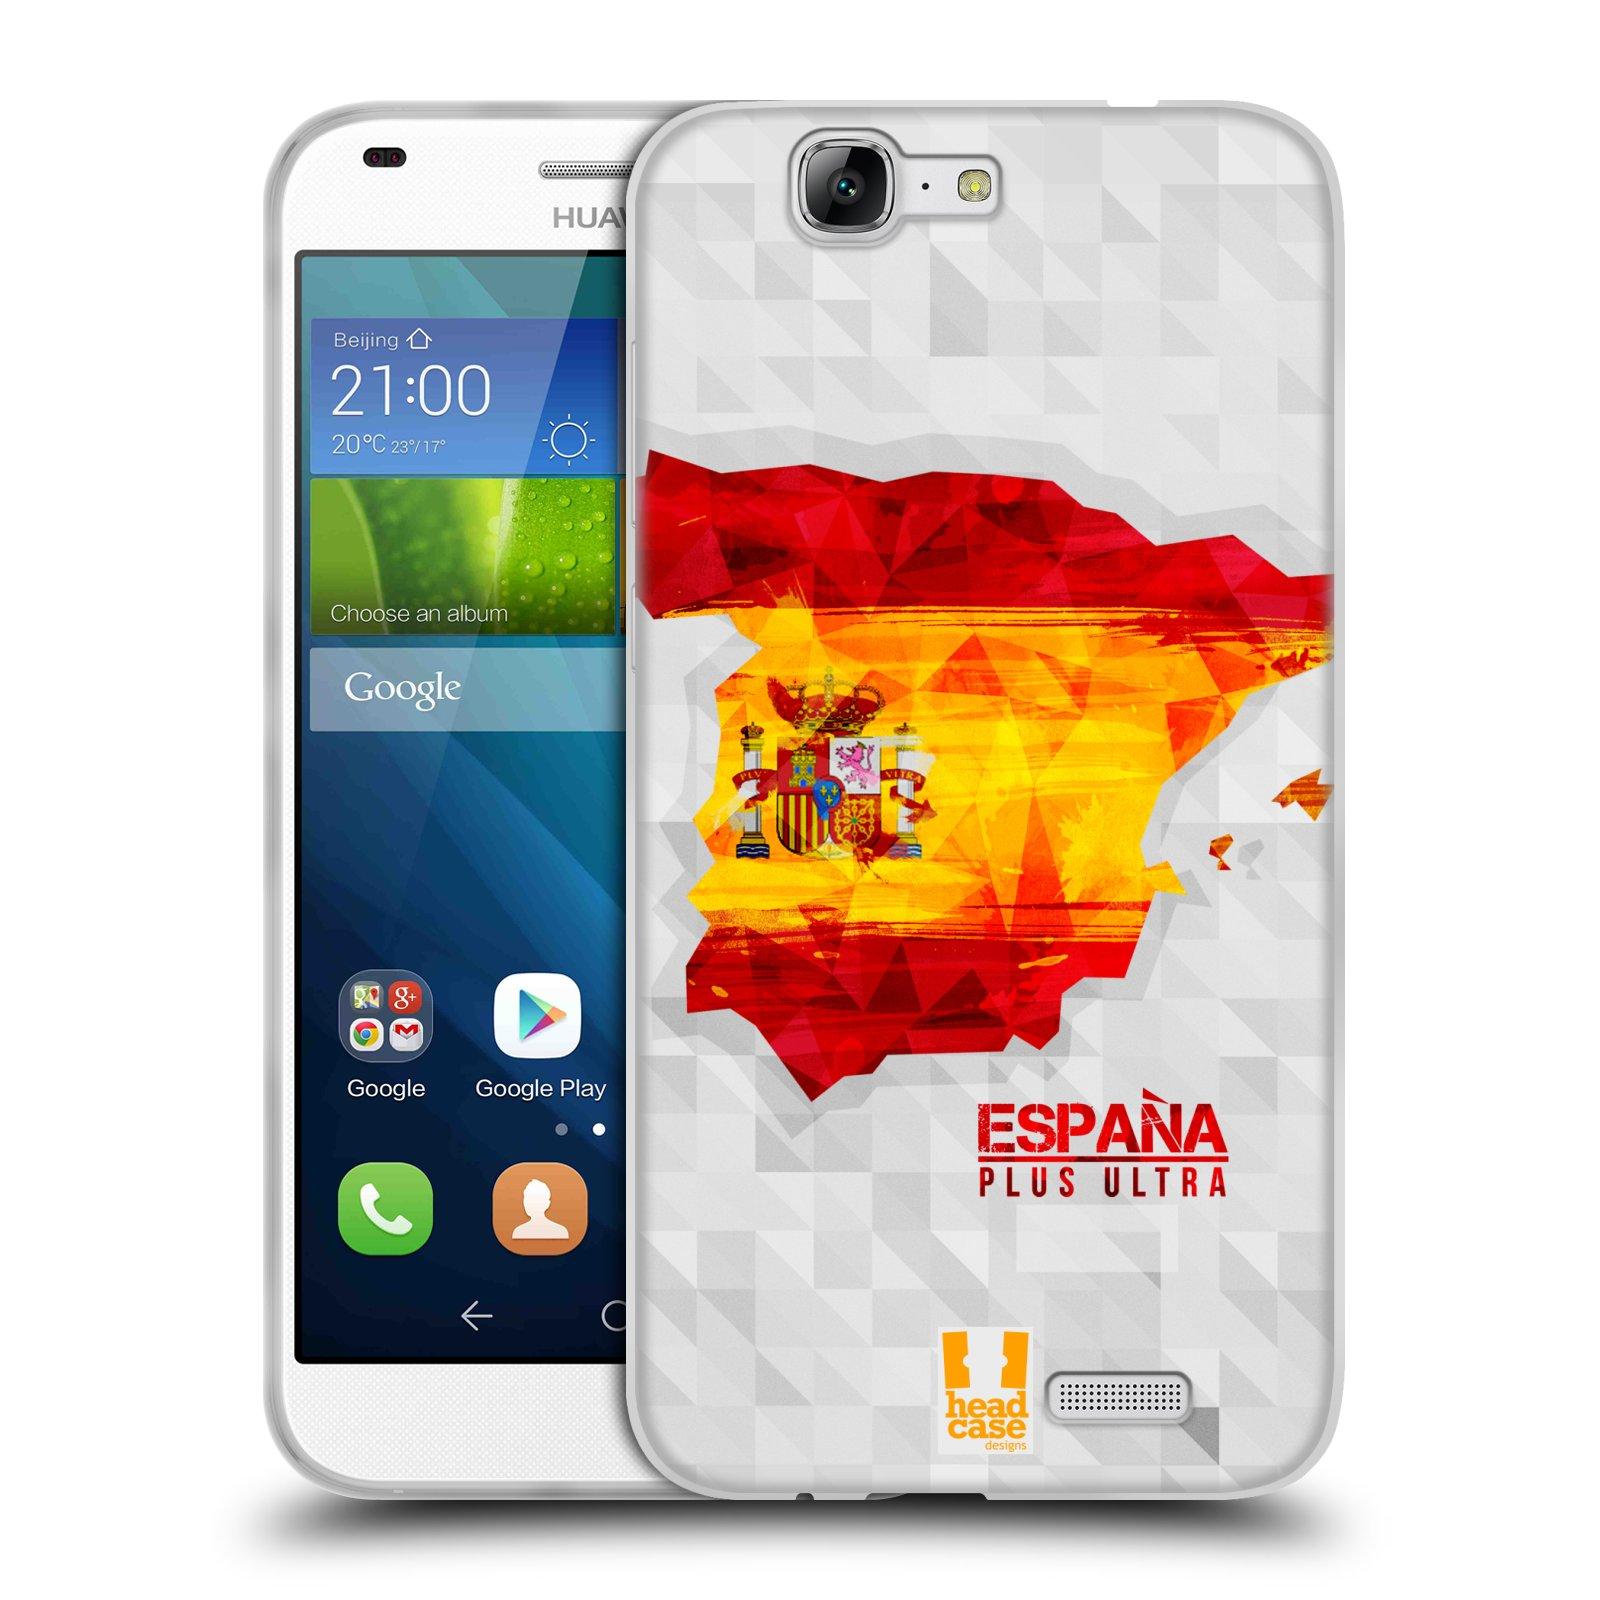 Silikonové pouzdro na mobil Huawei Ascend G7 HEAD CASE GEOMAPA ŠPANĚLSKO (Silikonový kryt či obal na mobilní telefon Huawei Ascend G7)